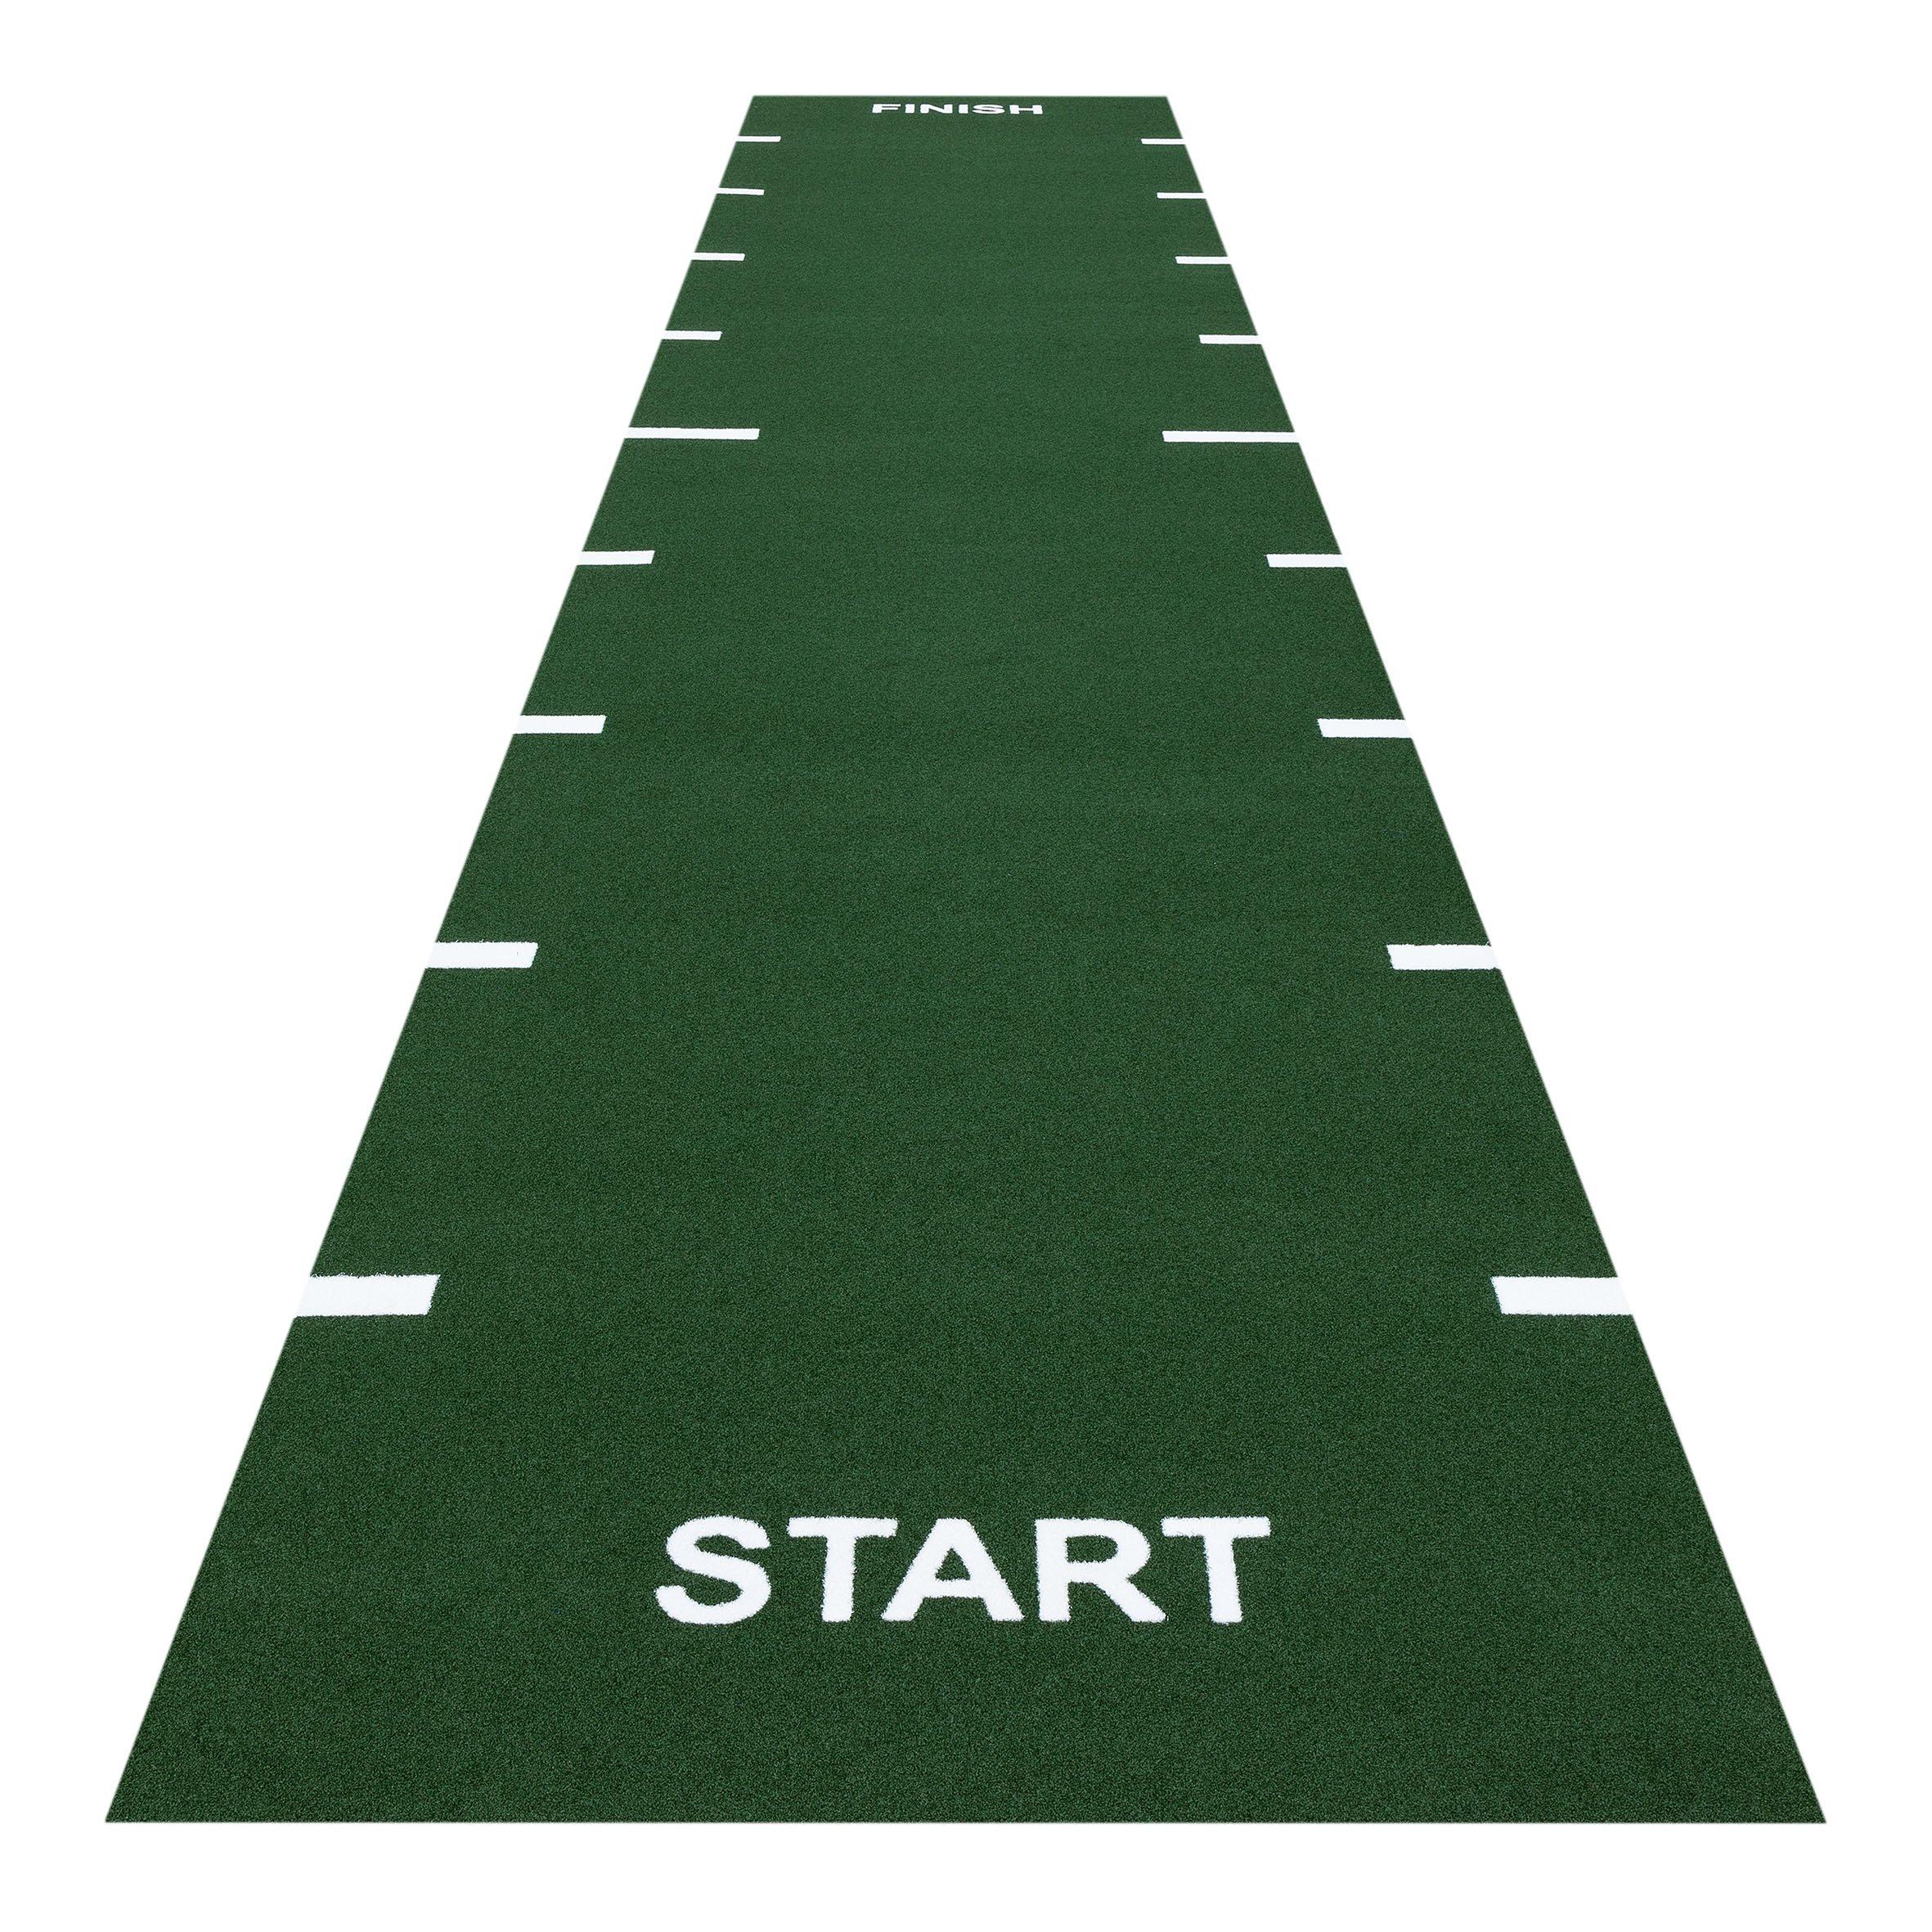 Sprinttracks Turf Start/Finish Pr. m² (2/4 Meter Bred)